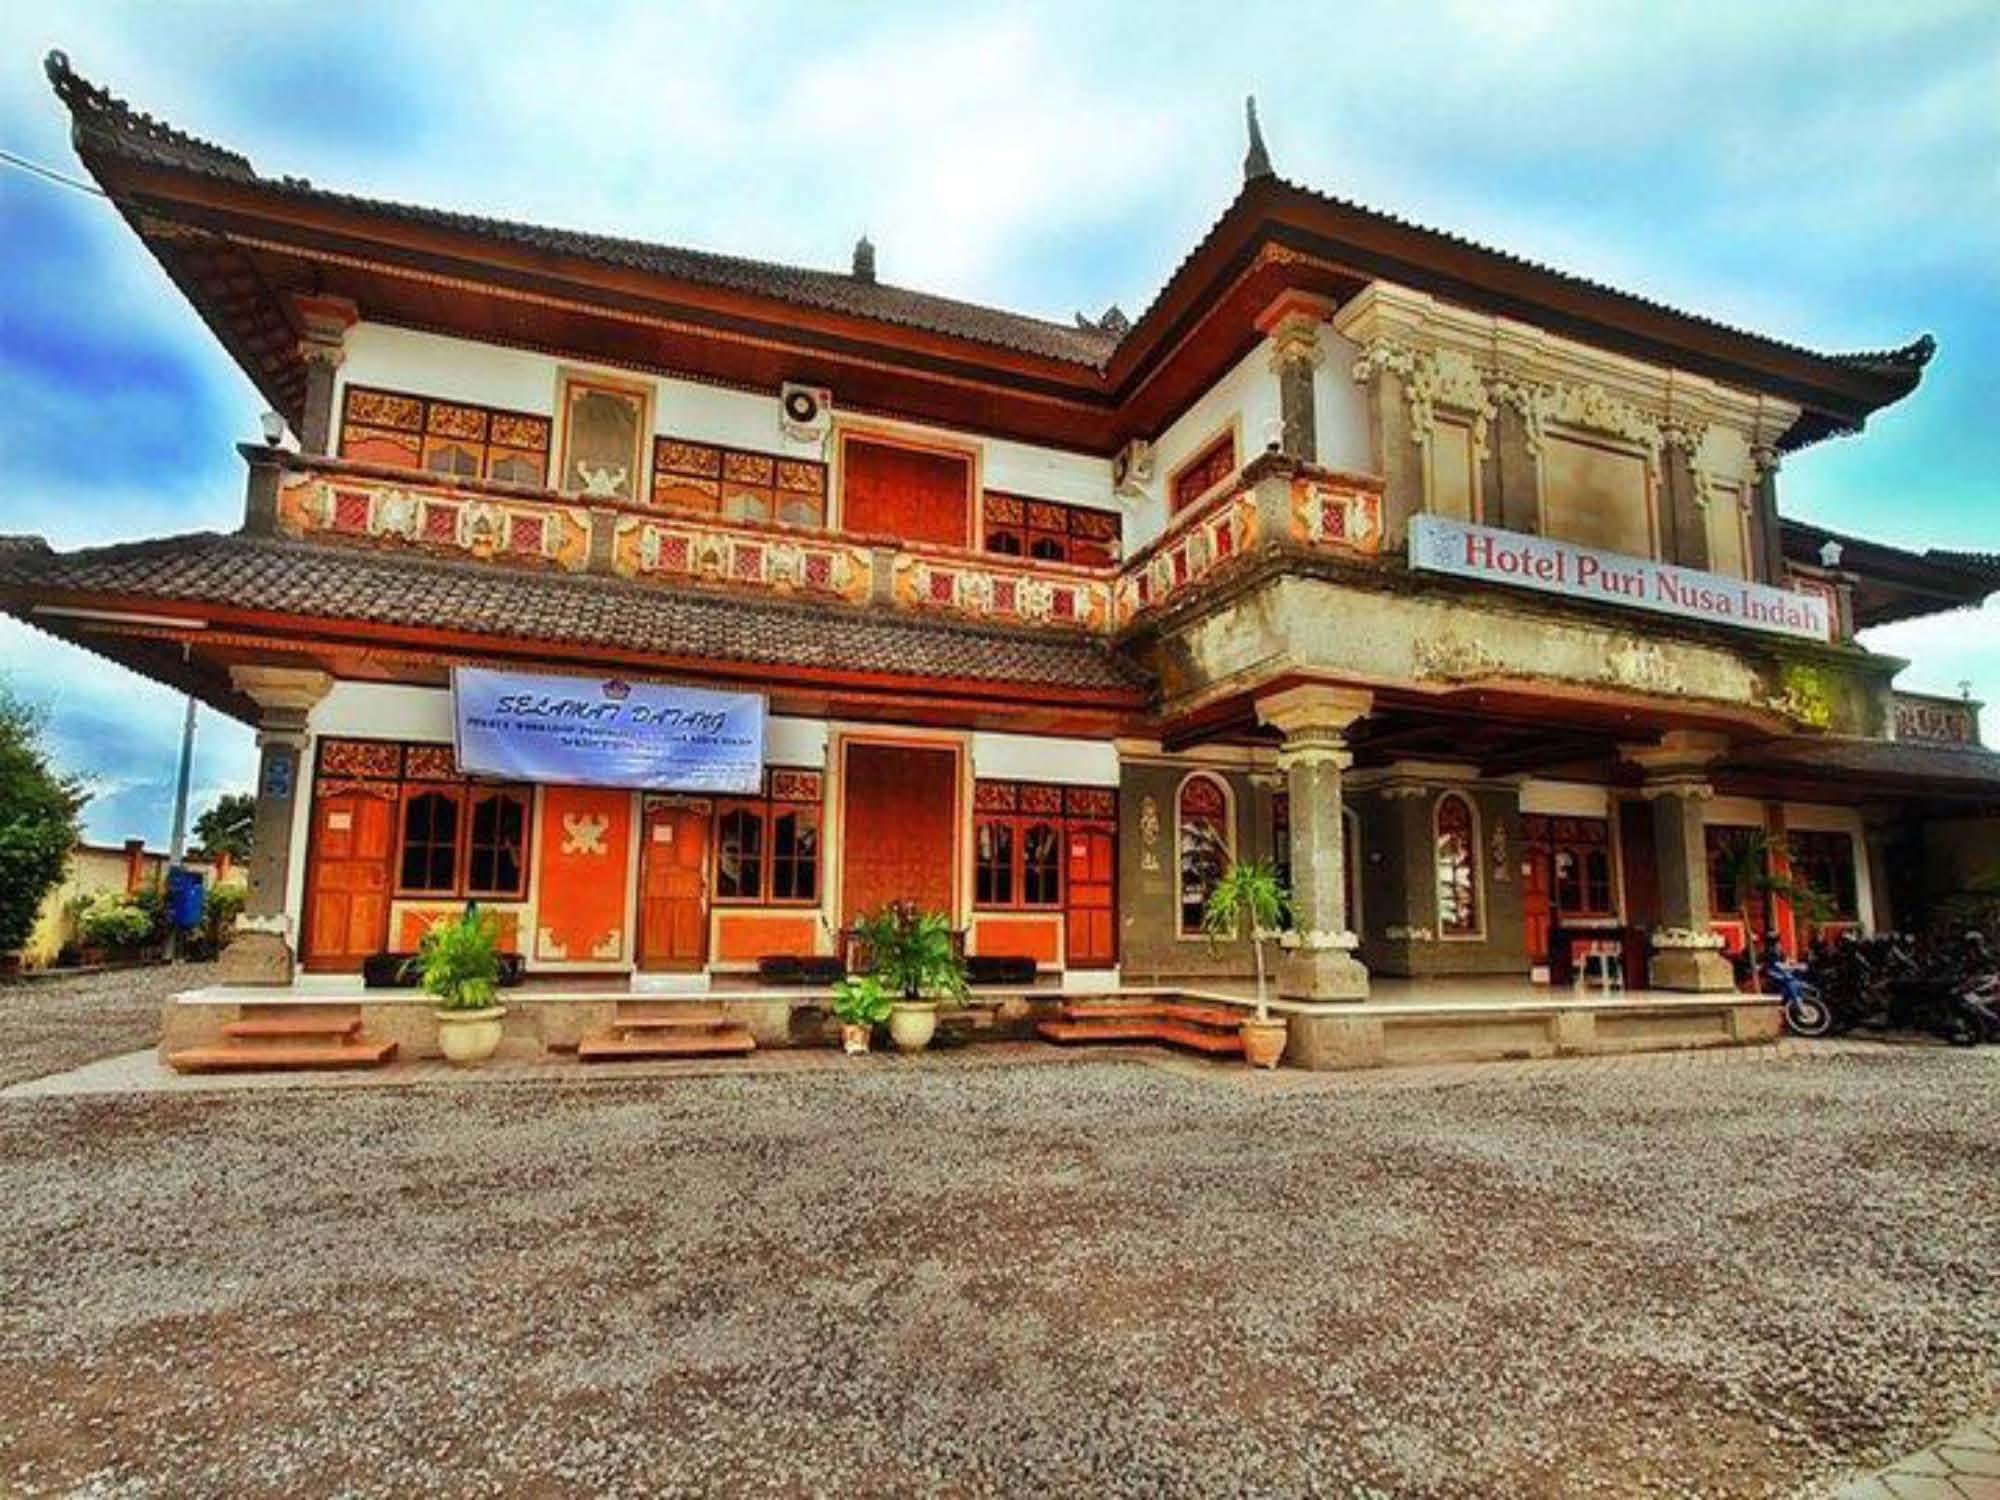 Hotel Puri Nusa Indah I